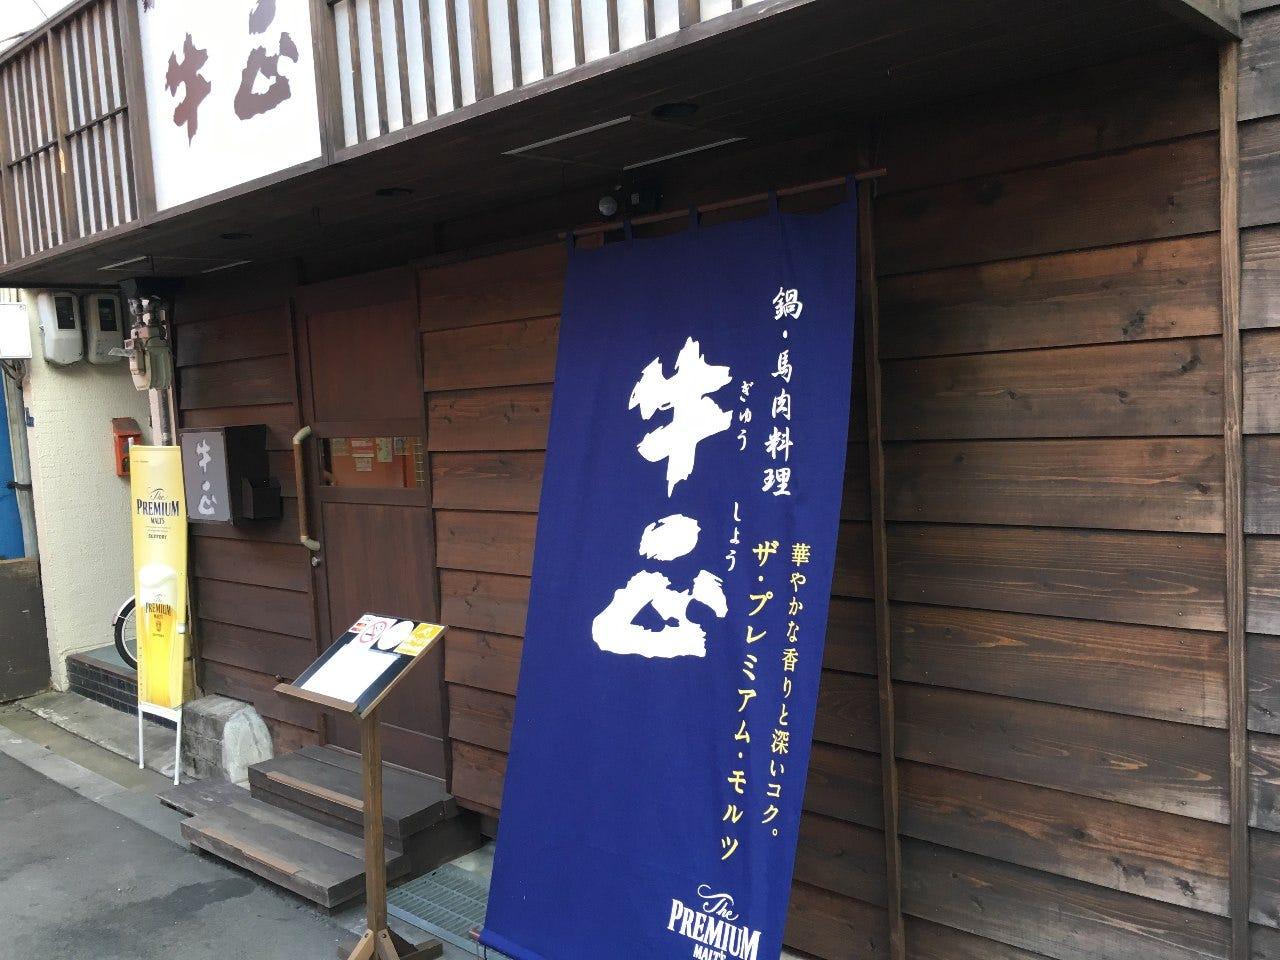 鍋・馬肉料理 牛正のイメージ写真